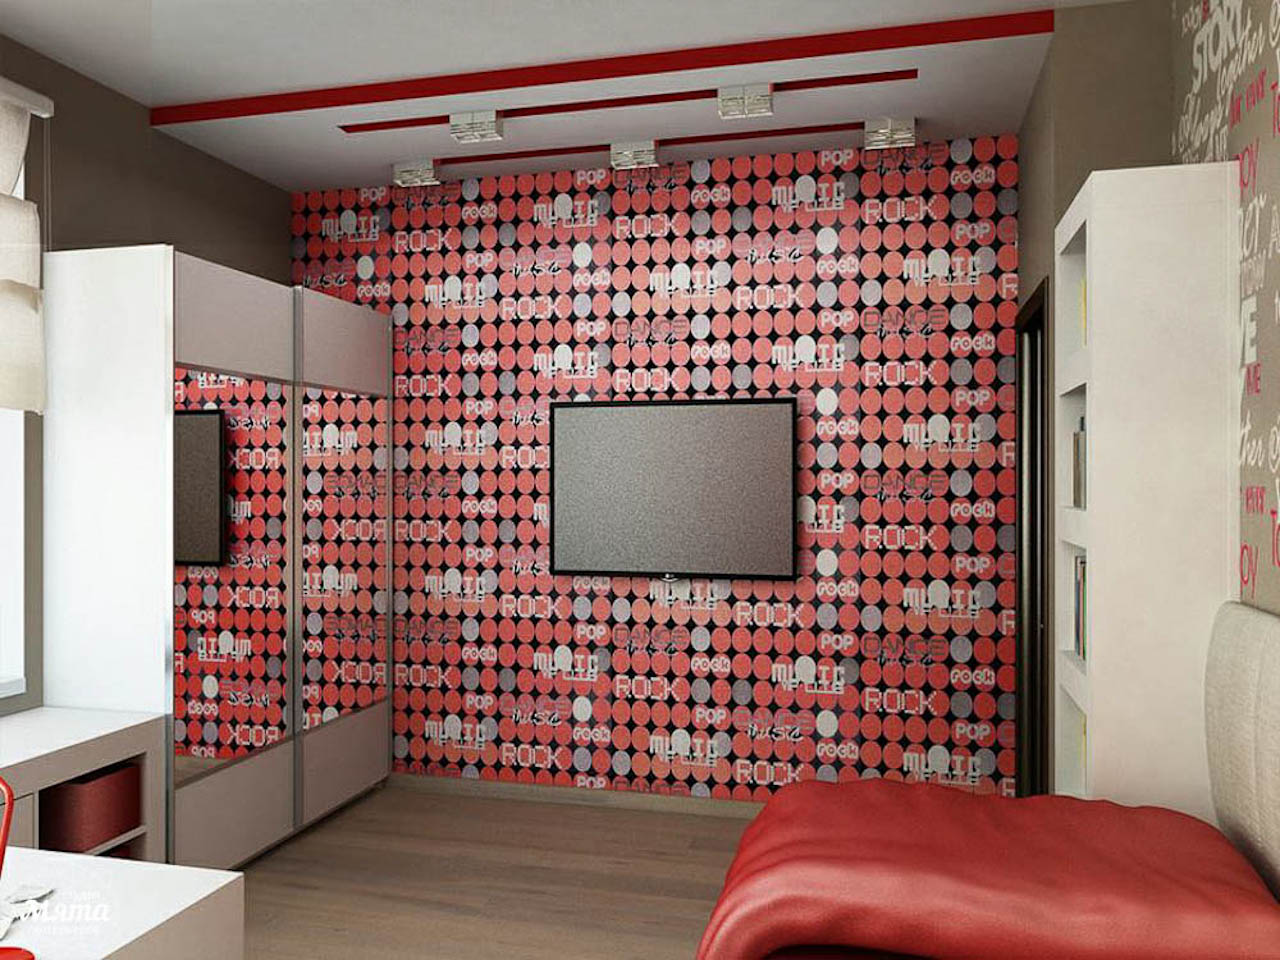 Дизайн интерьера трехкомнатной квартиры по ул. Николая Никонова 4 img1656475311